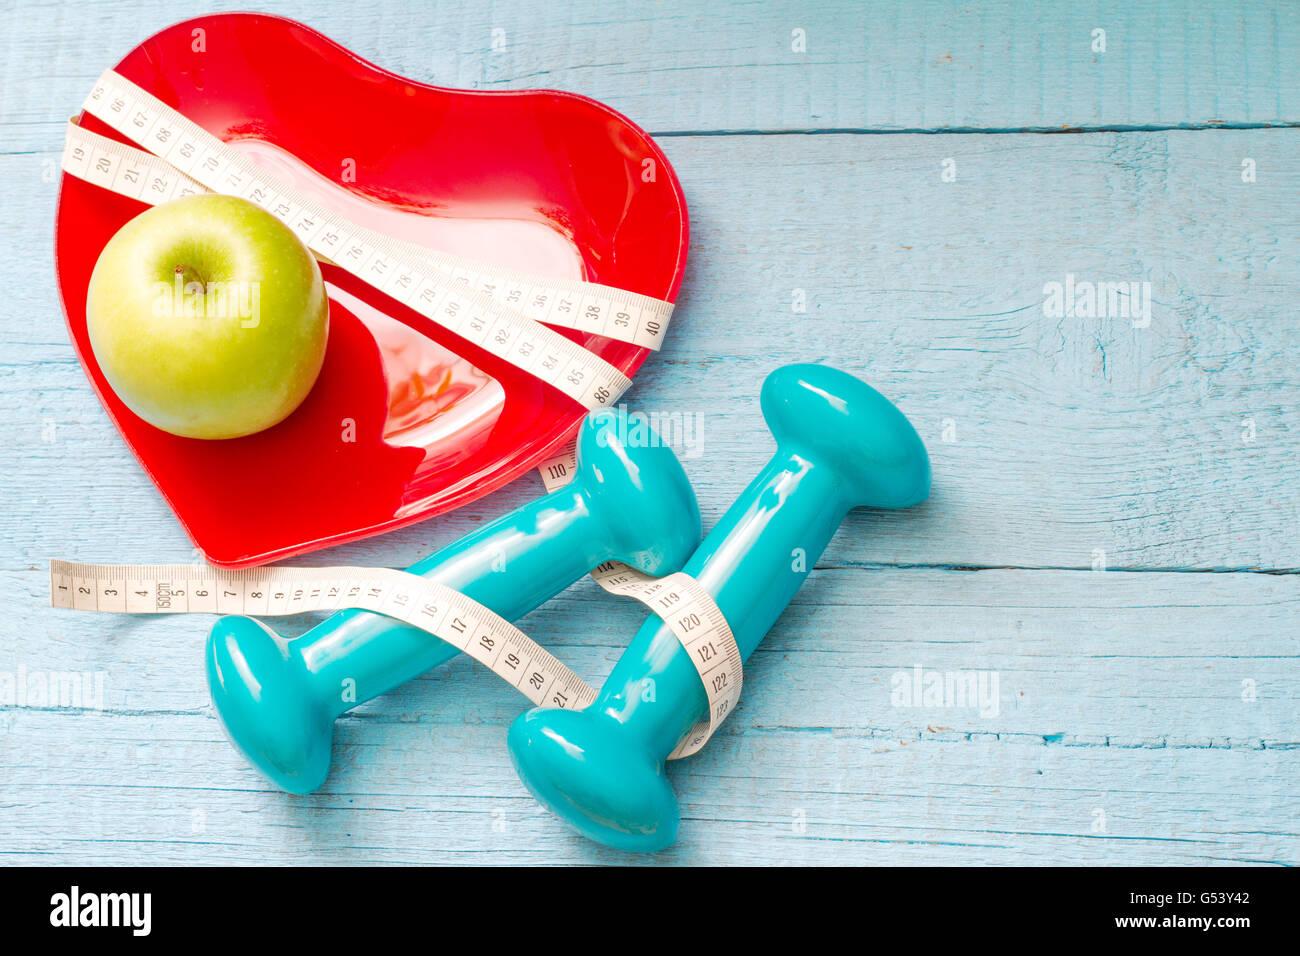 Colocar y salud concepto abstracto con placa de corazón rojo sobre fondo azul de madera Imagen De Stock